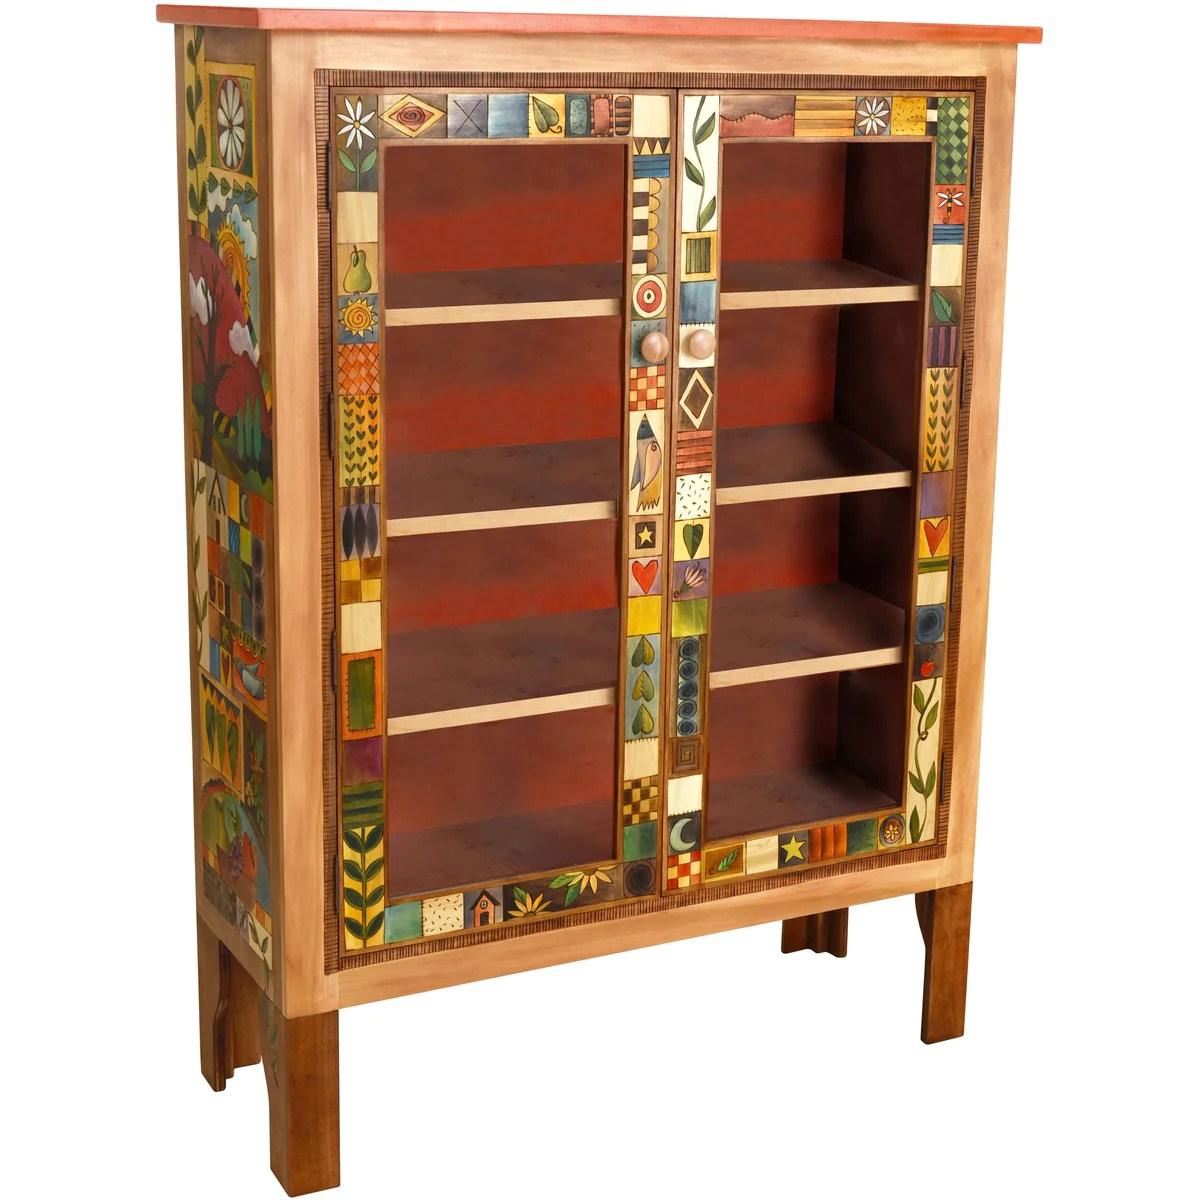 Large Double Door Bookcase By Sticks Bcs005 D70951